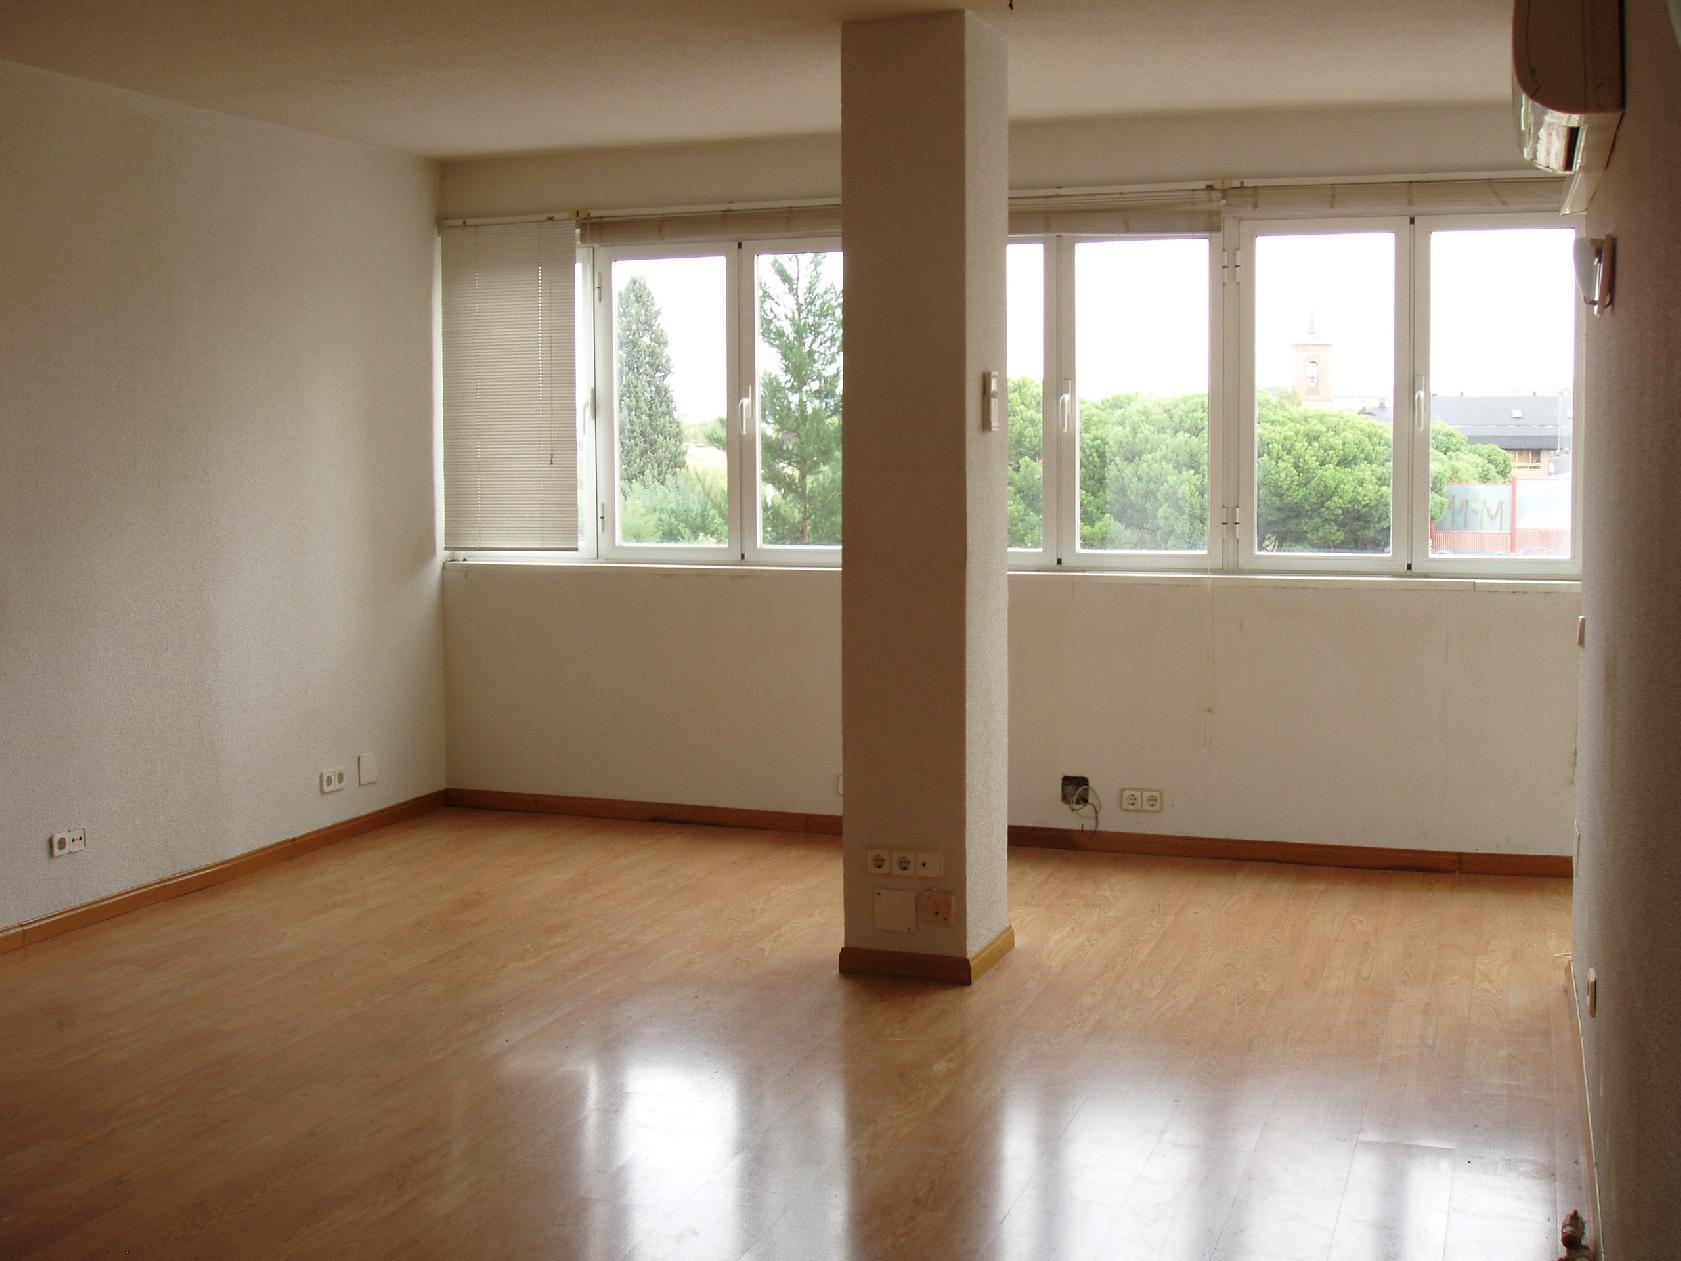 Piso las rozas de madrid alquiler 600 euros zona burgo parque par s mblanco servicios - Inmobiliaria blanco las rozas ...